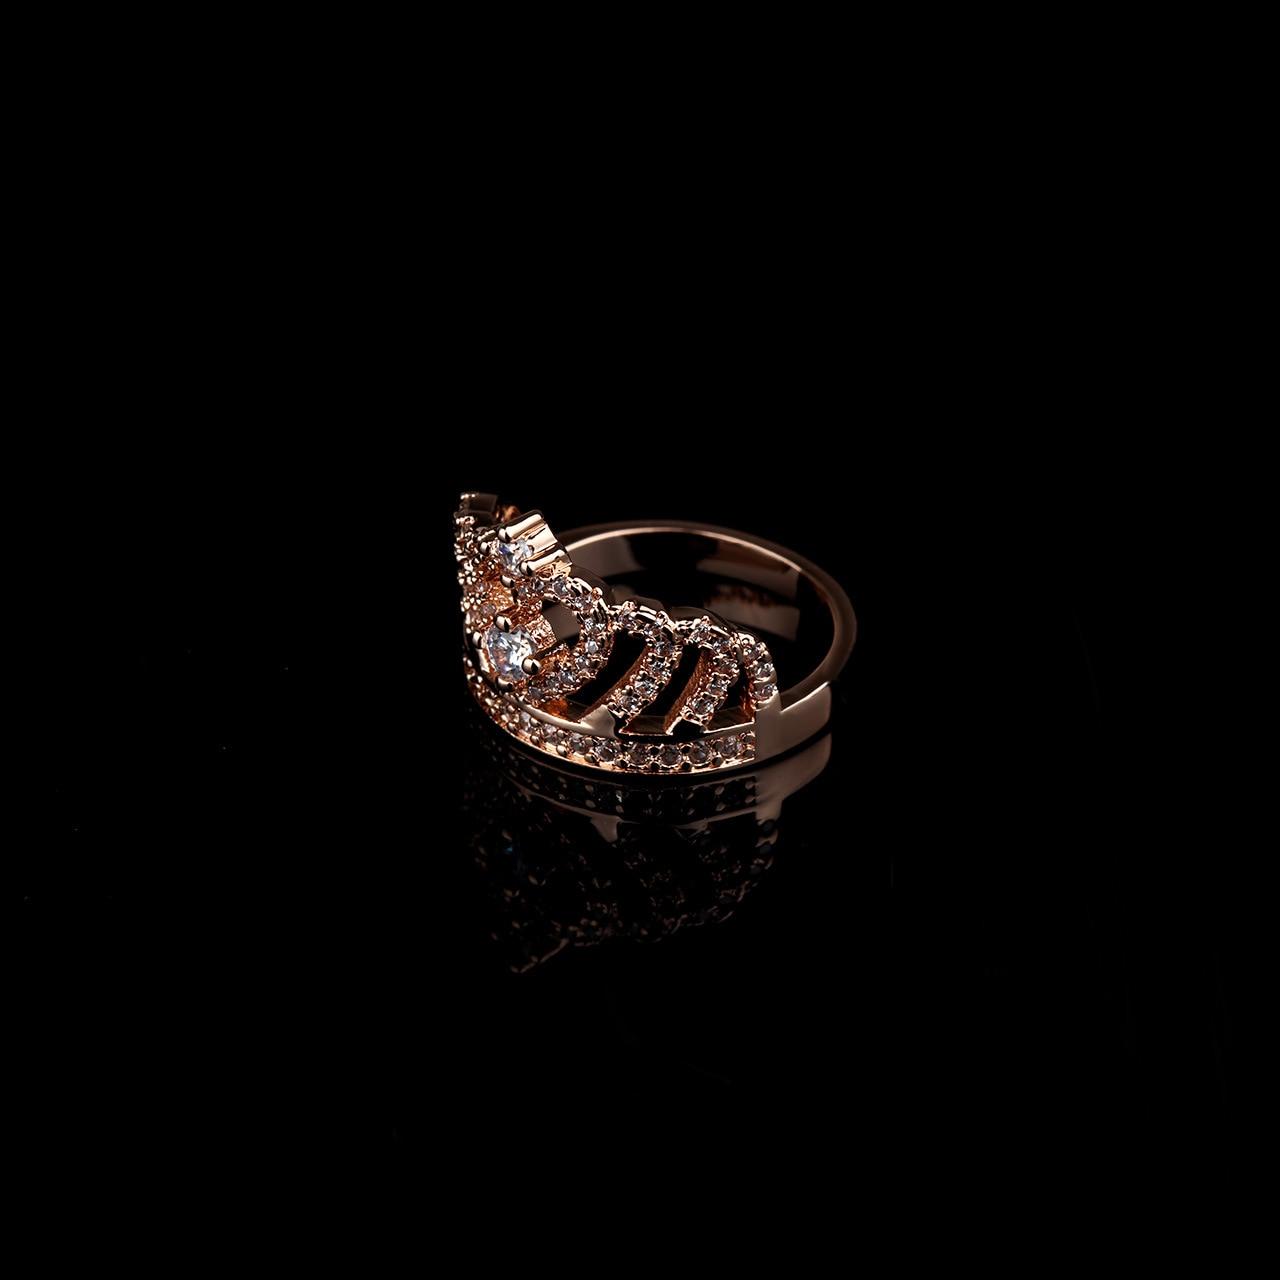 Hainon Корона Кольца для Для женщин AAA + Циркон серебряные Цвет Обручение обручальное кольцо из розового золота Цвет изделия класса люкс обещан...